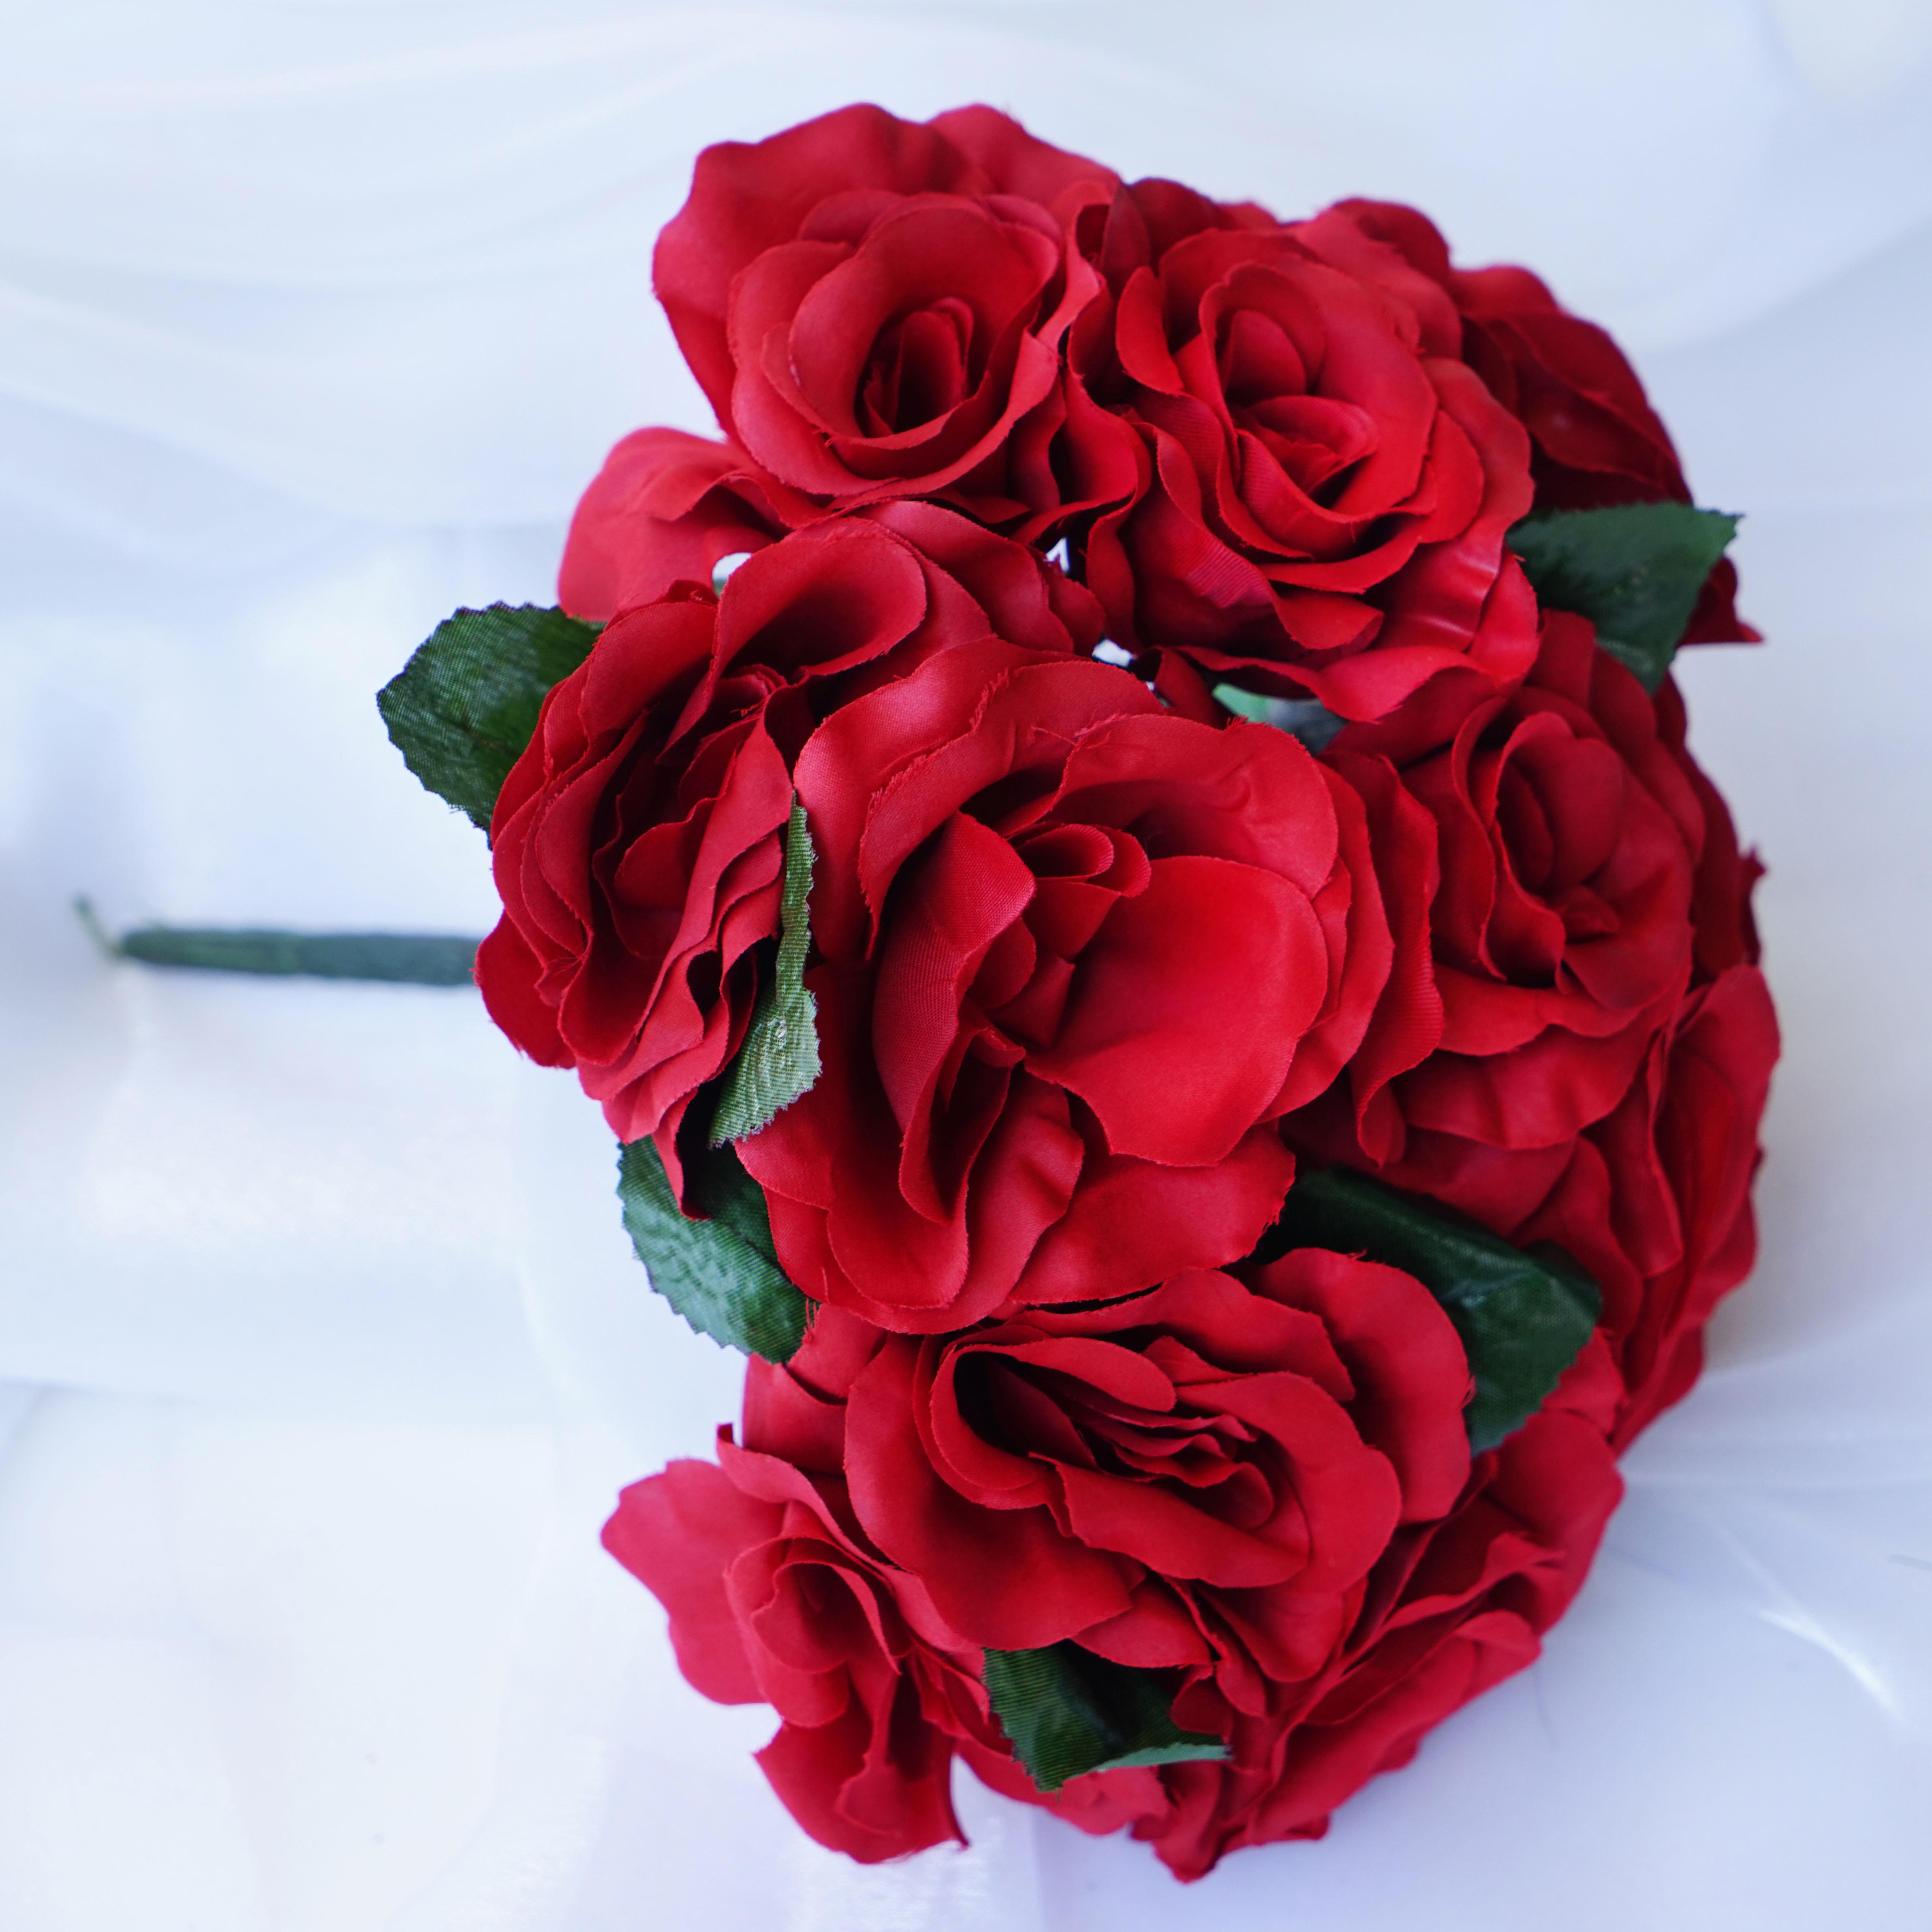 BalsaCircle 4 Velvet Roses Bouquets Bridal Flowers DIY Home Wedding Party Artificial Bouquets Arrangements Centerpieces by BalsaCircle